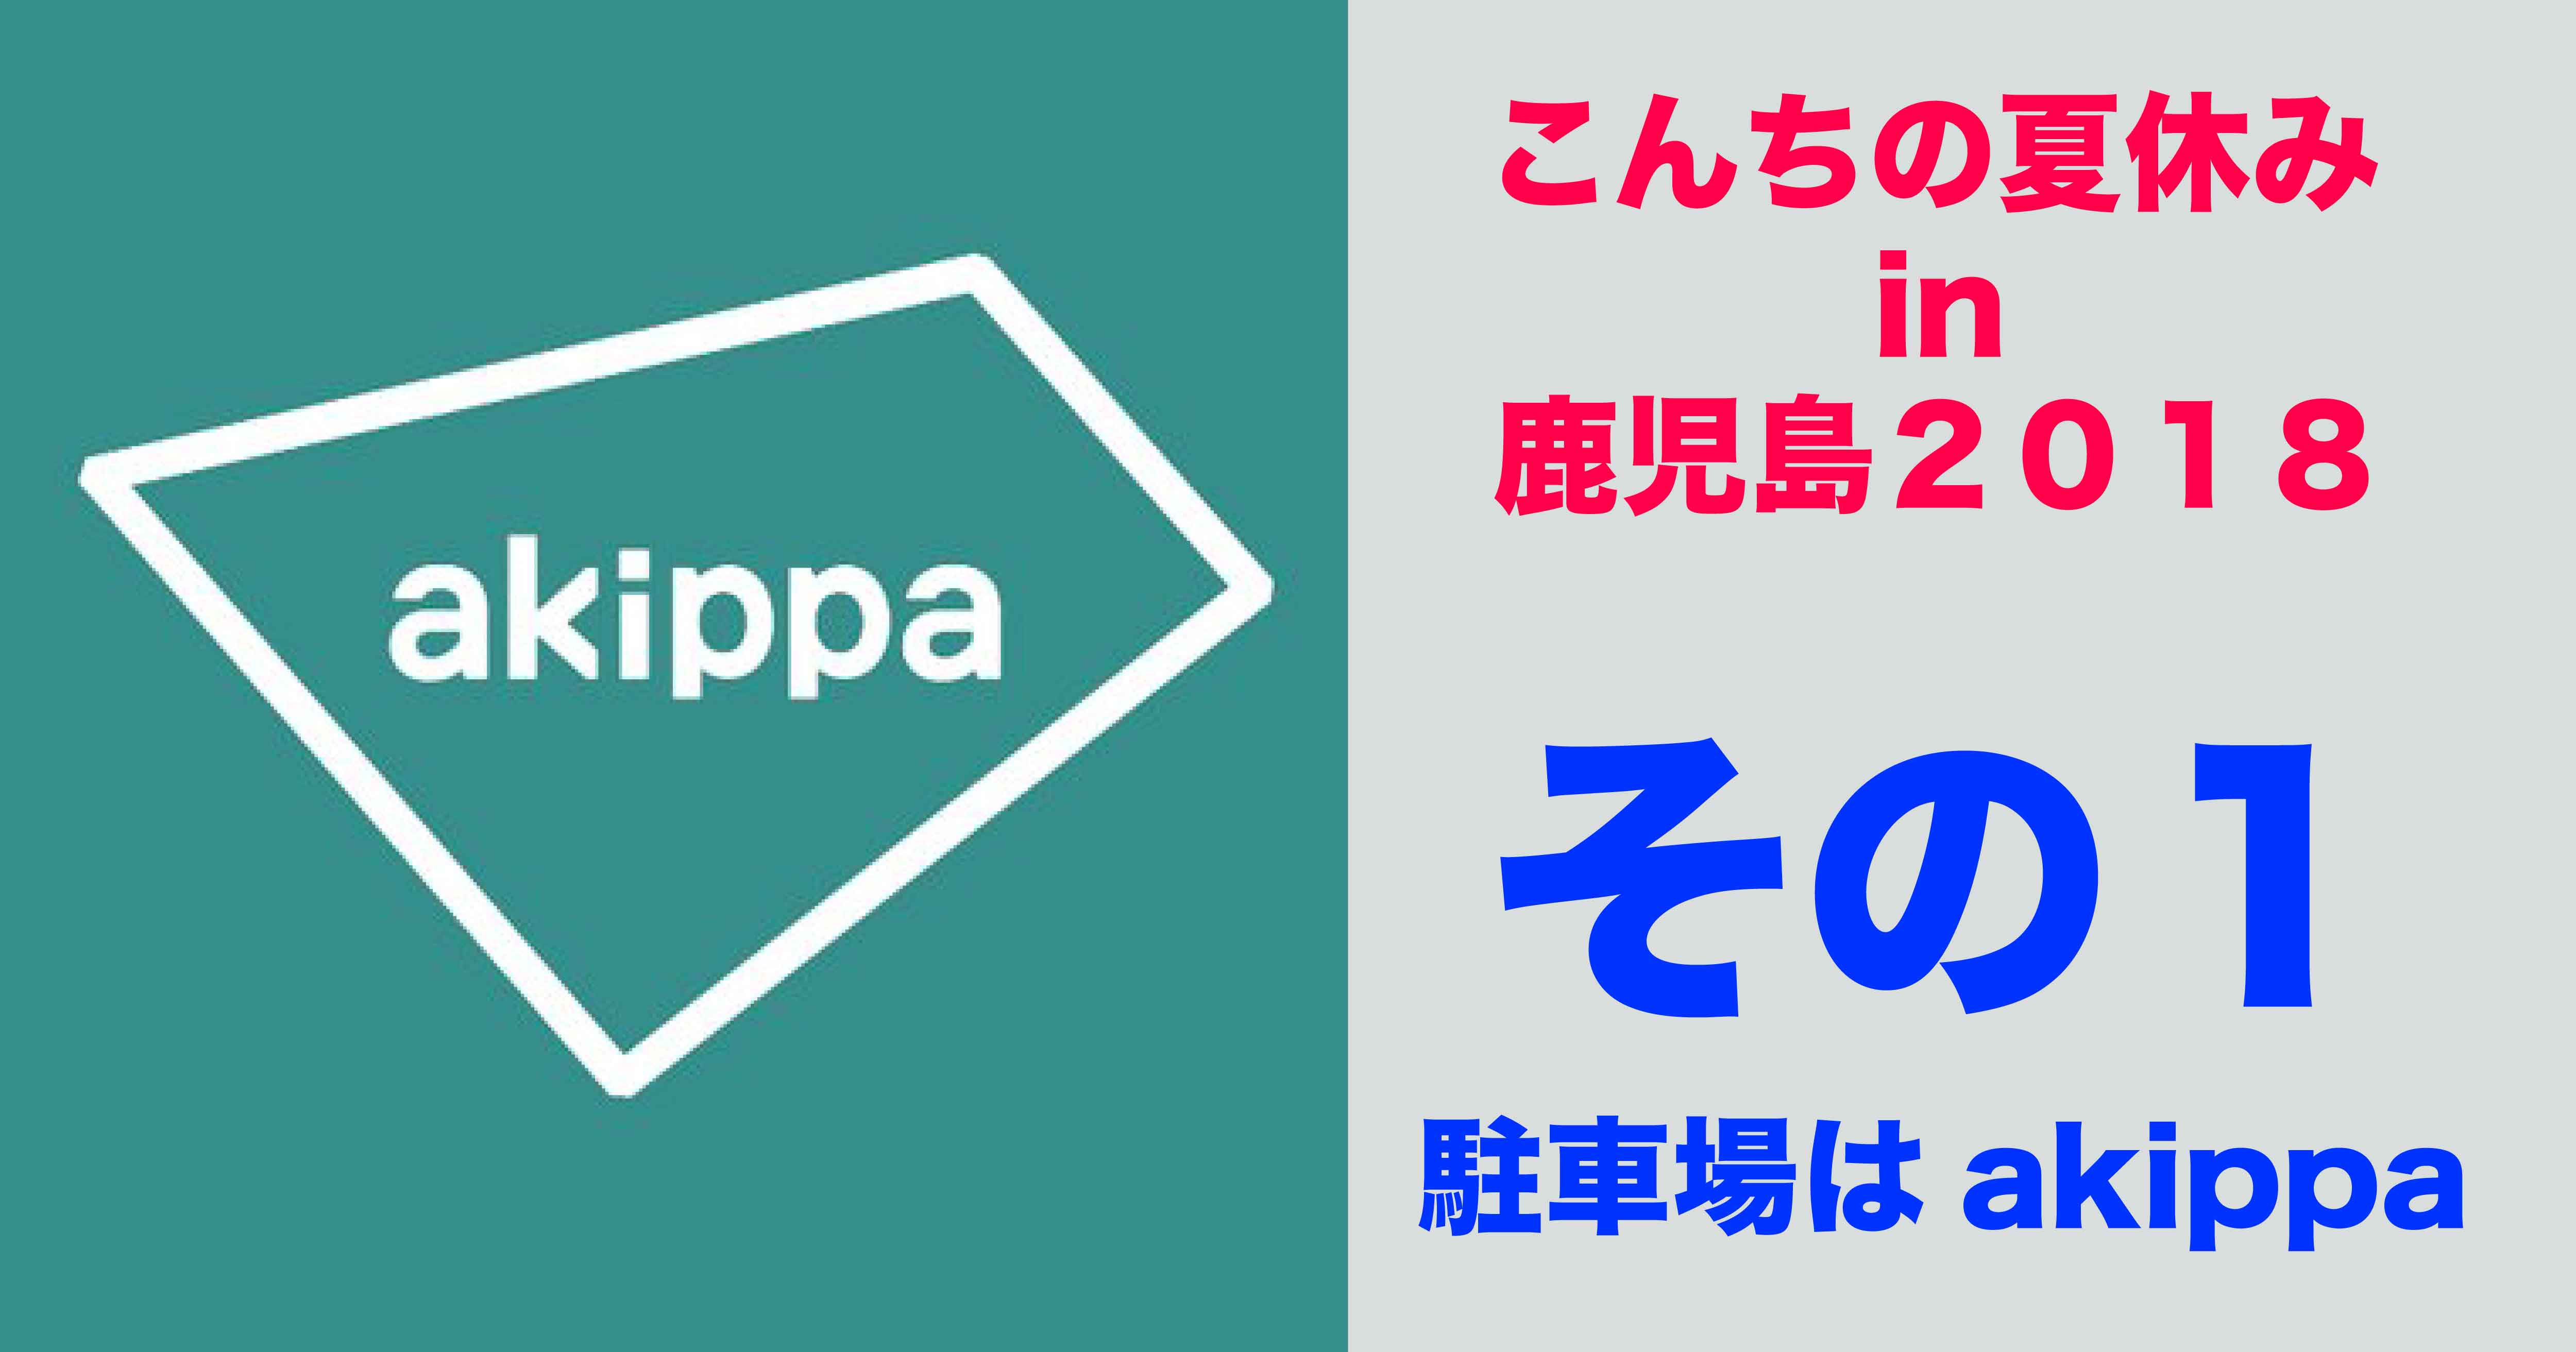 こんちの夏休み in鹿児島2018①〜駐車場はakippaが超絶オススメ!〜